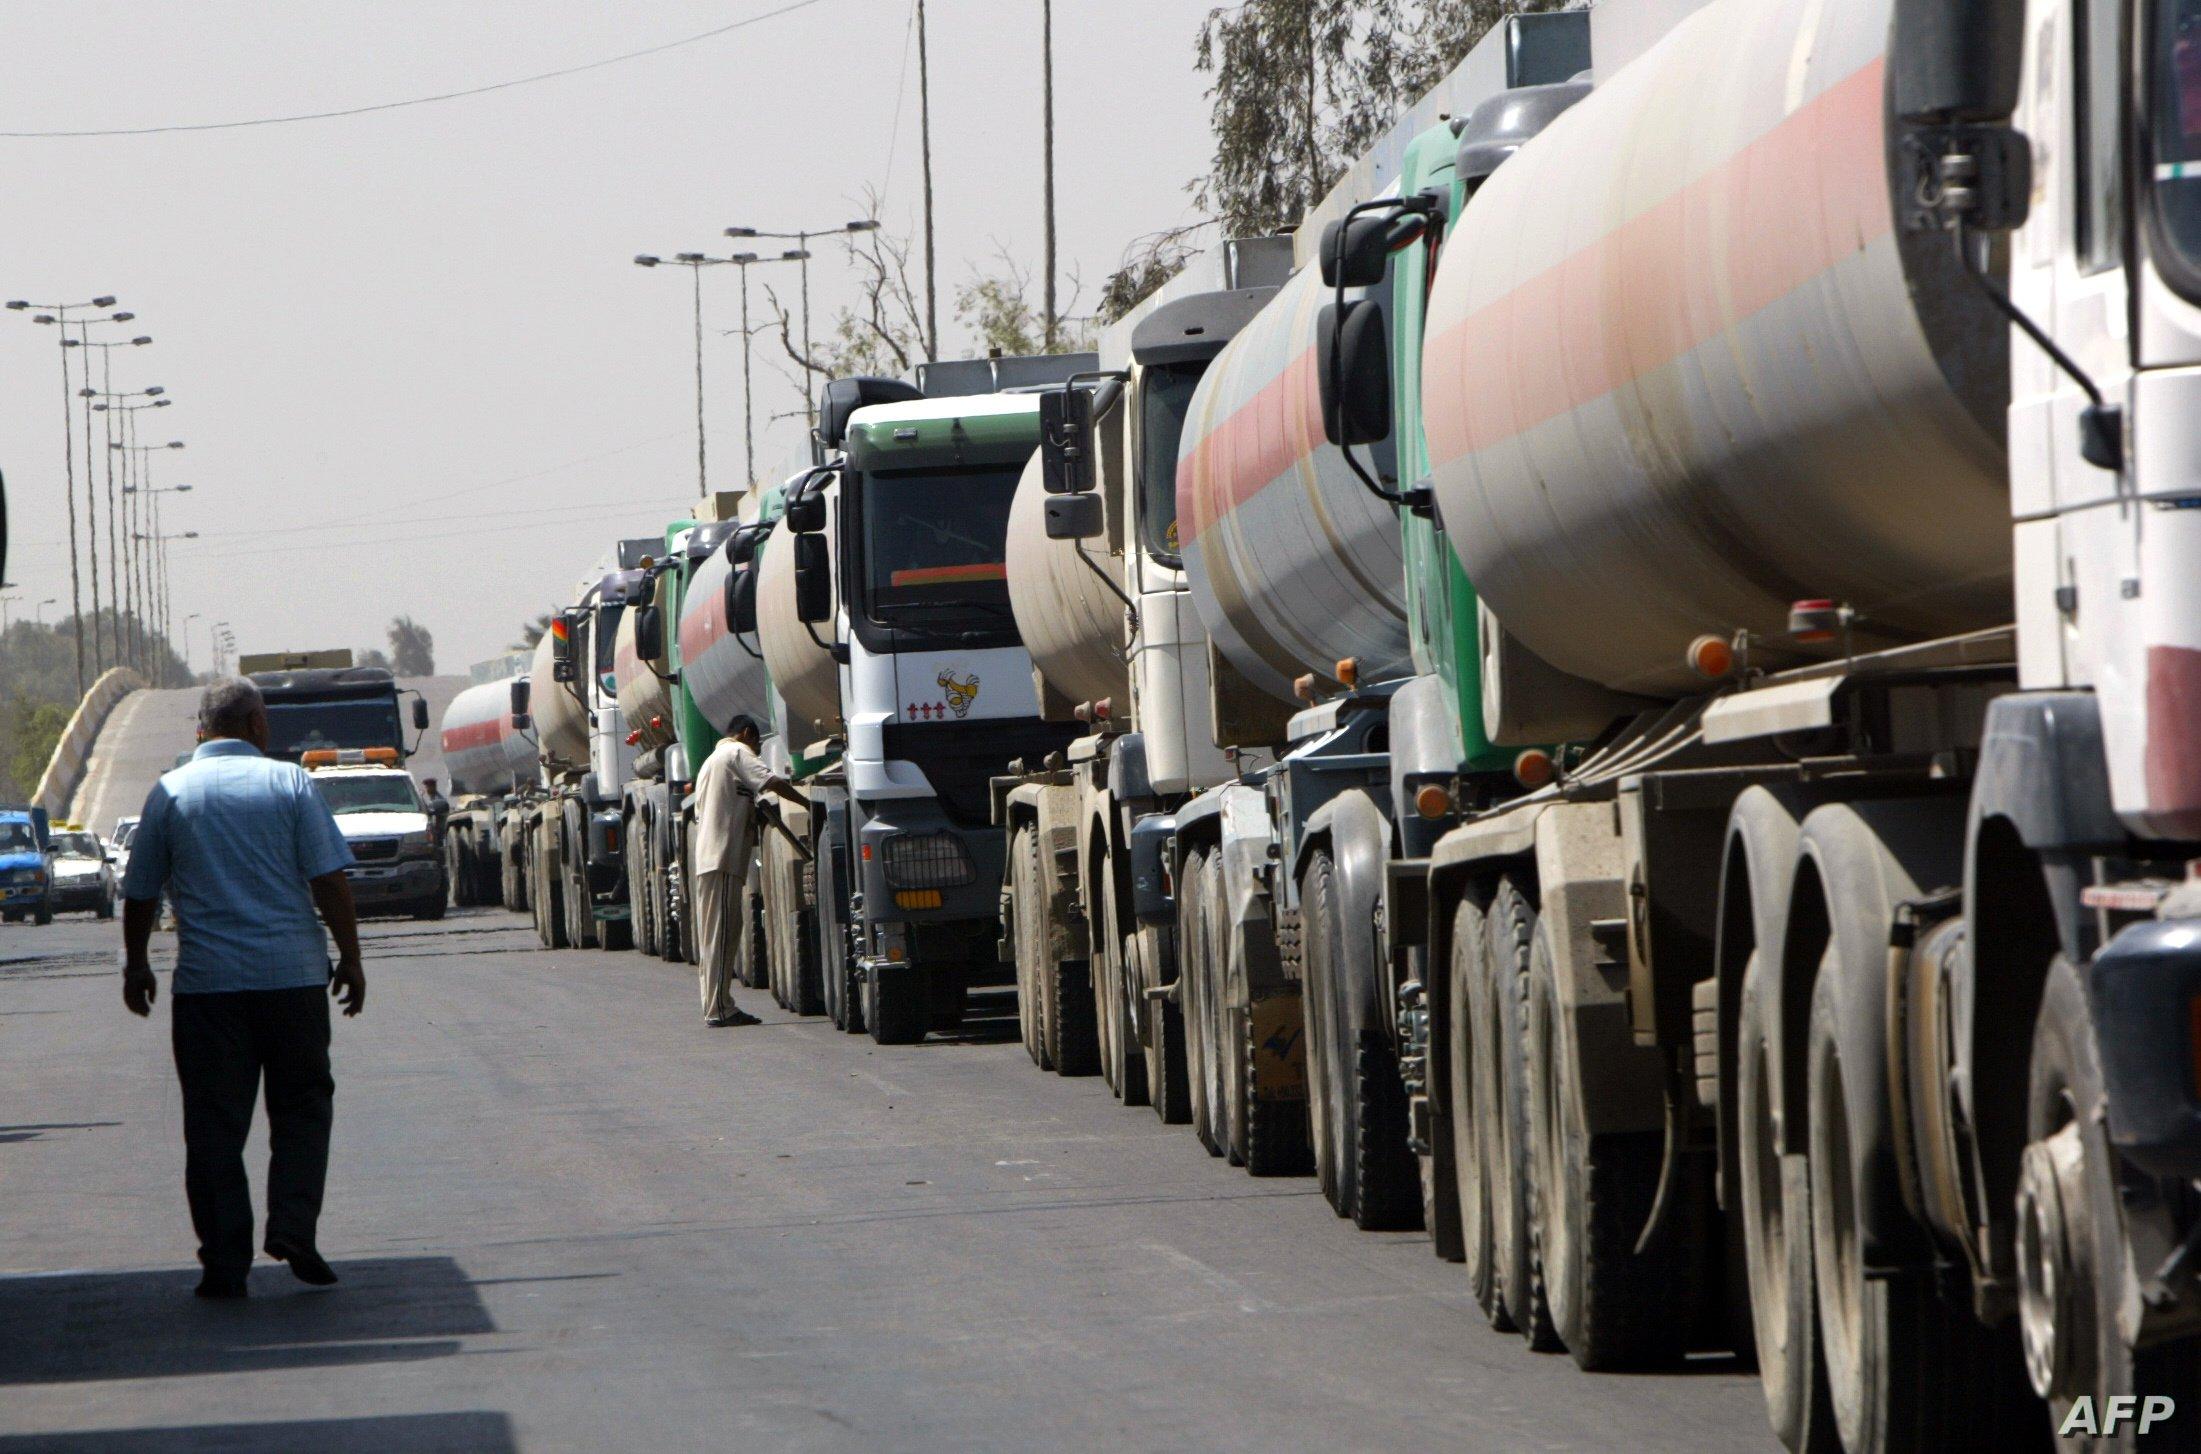 واردات الأردن من النفط العراقى تسجل 261 ألف برميل الشهر الماضي